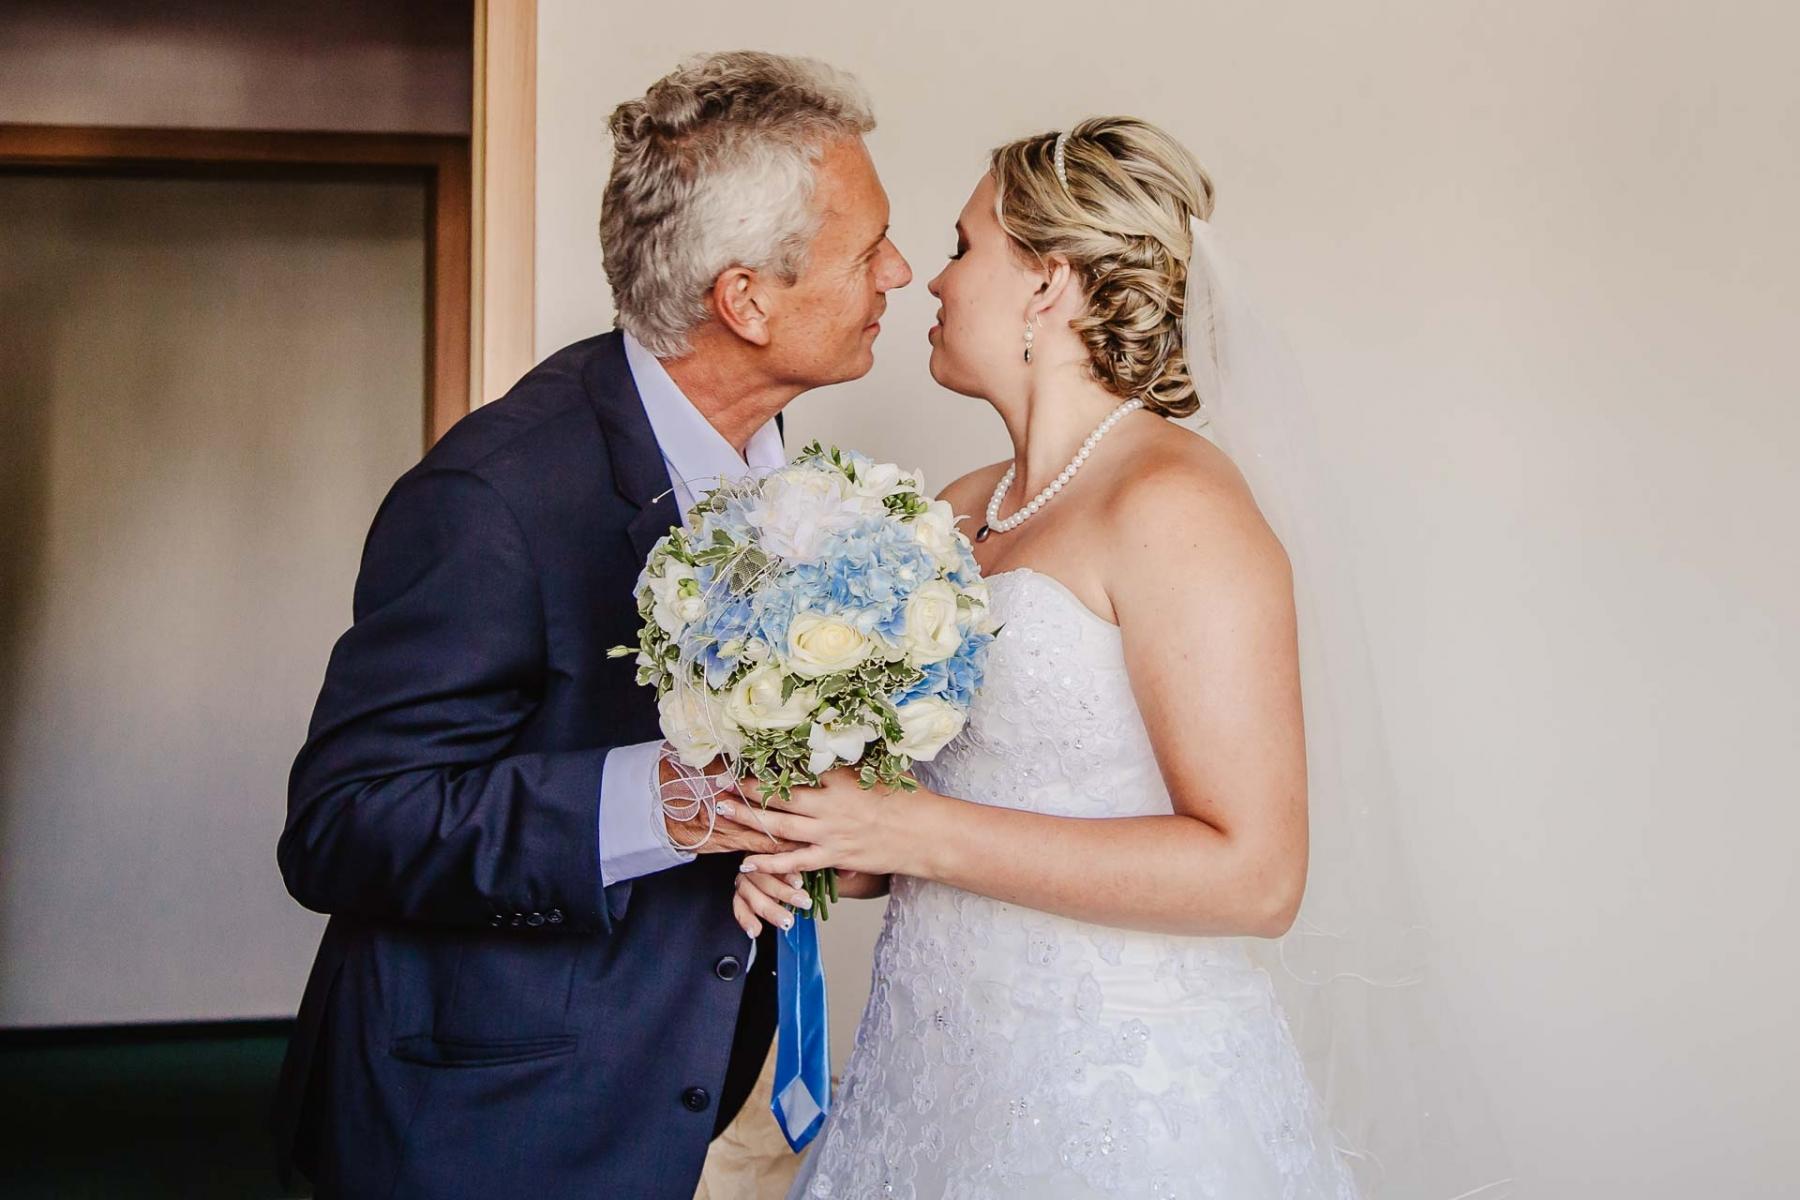 svatební fotograf zámek Mníšek pod Brdy, svatba na zámku, letní nejkrásnější zámecká svatba, Bára a Ondra-19